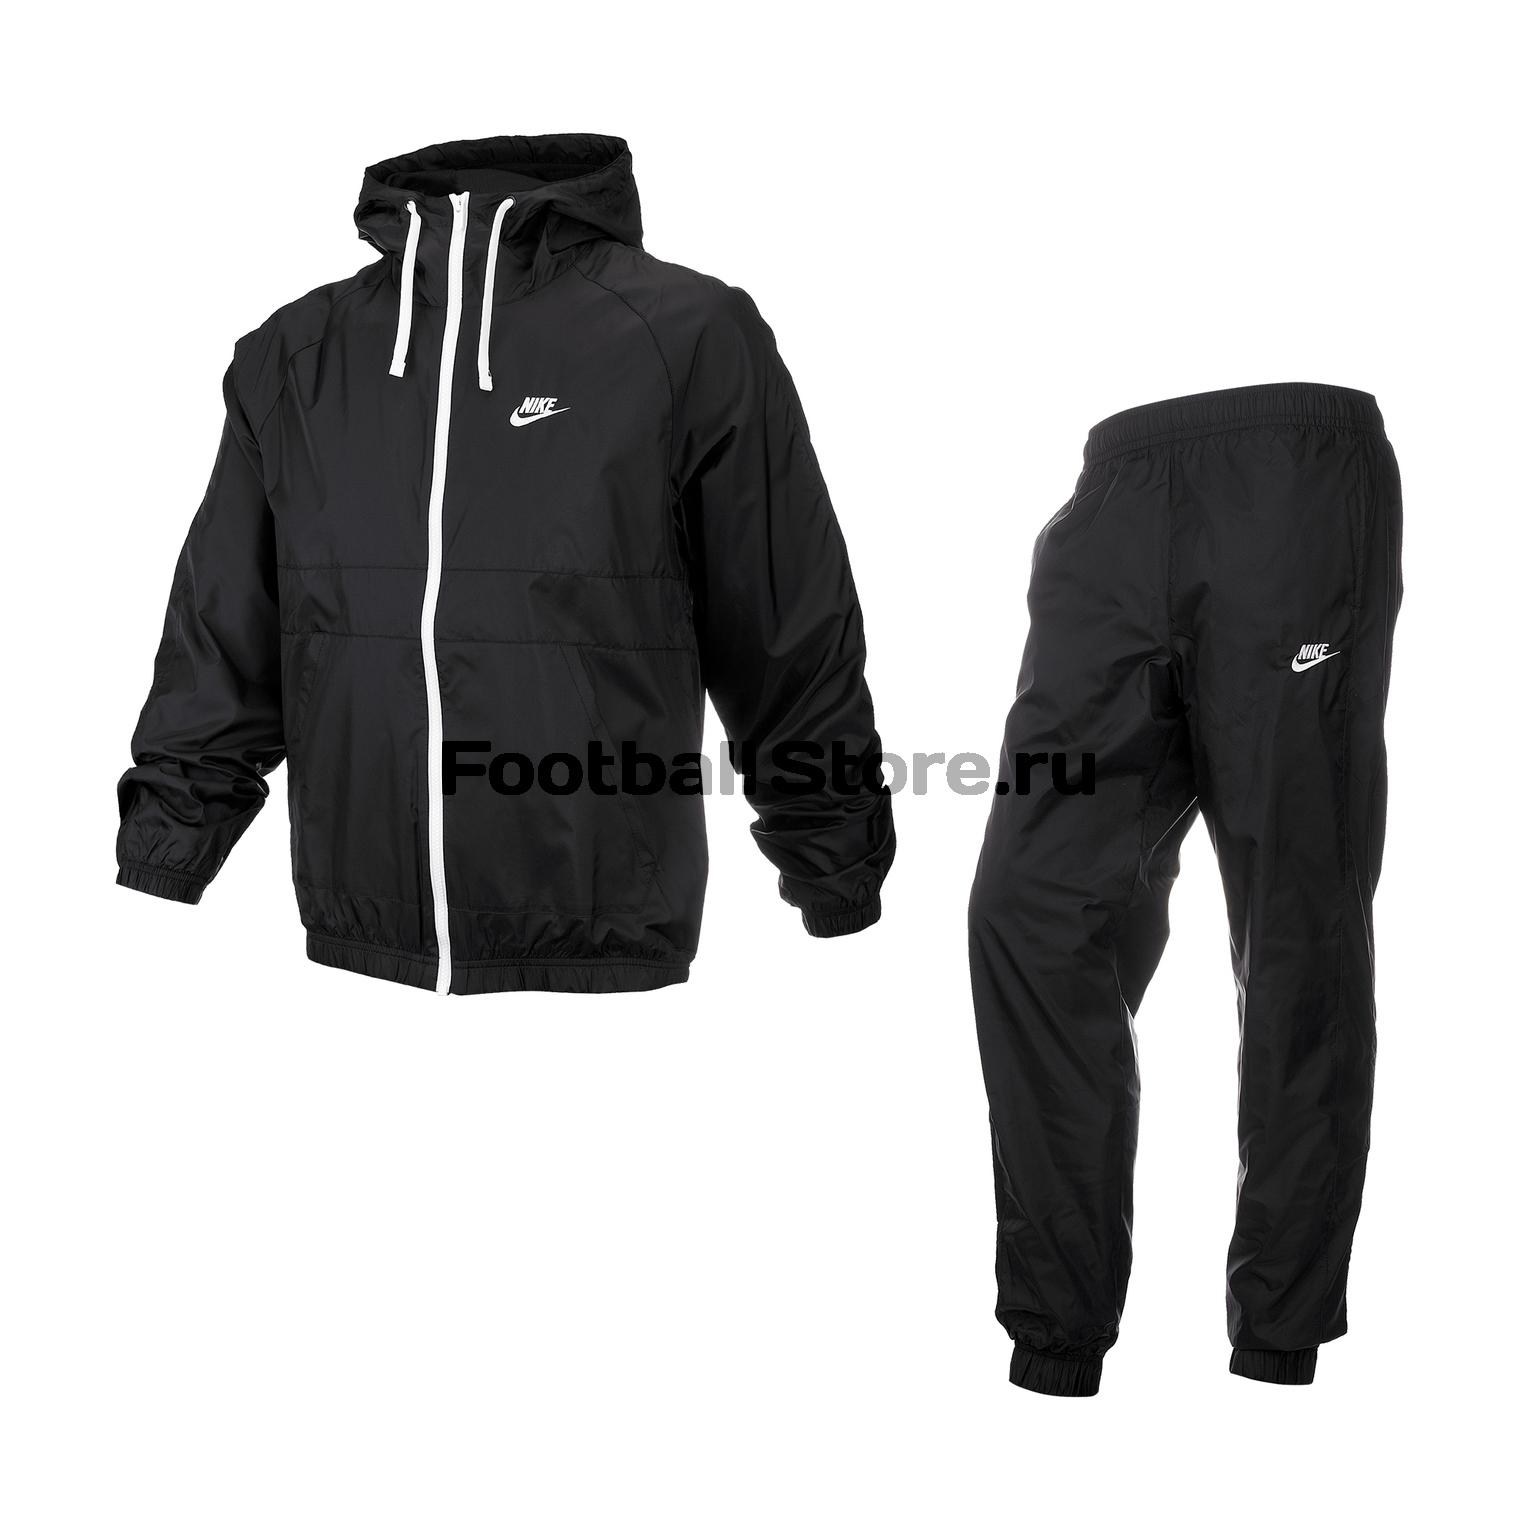 Костюм спортивный Nike CE Suit BV3025-010